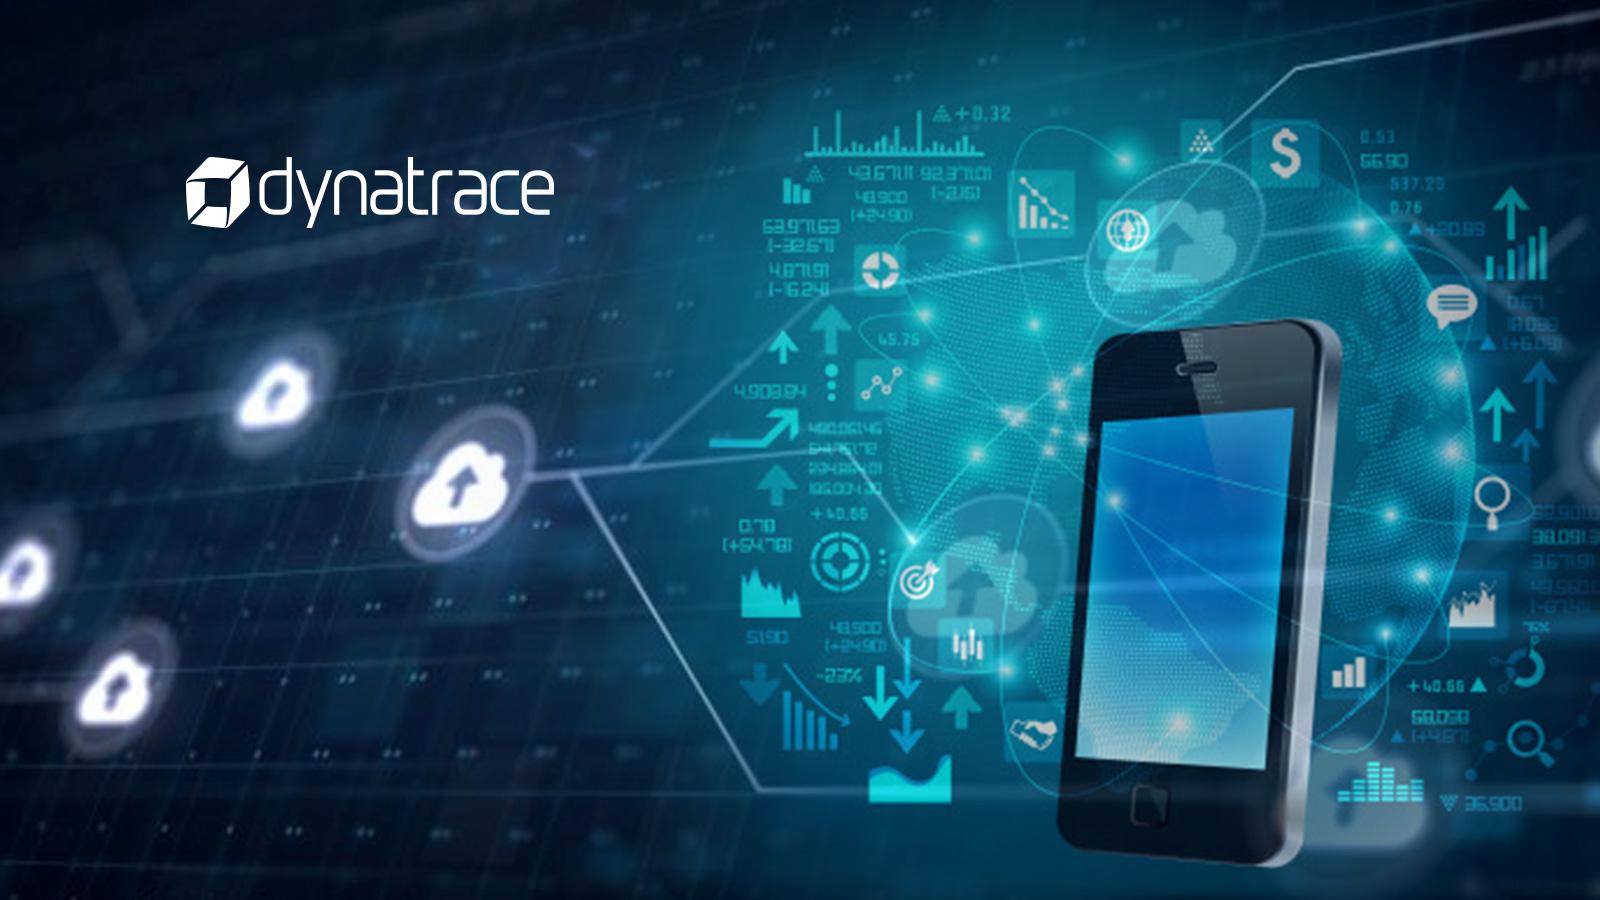 Dynatrace  - лидер квадранта Гартнера в области APM решений